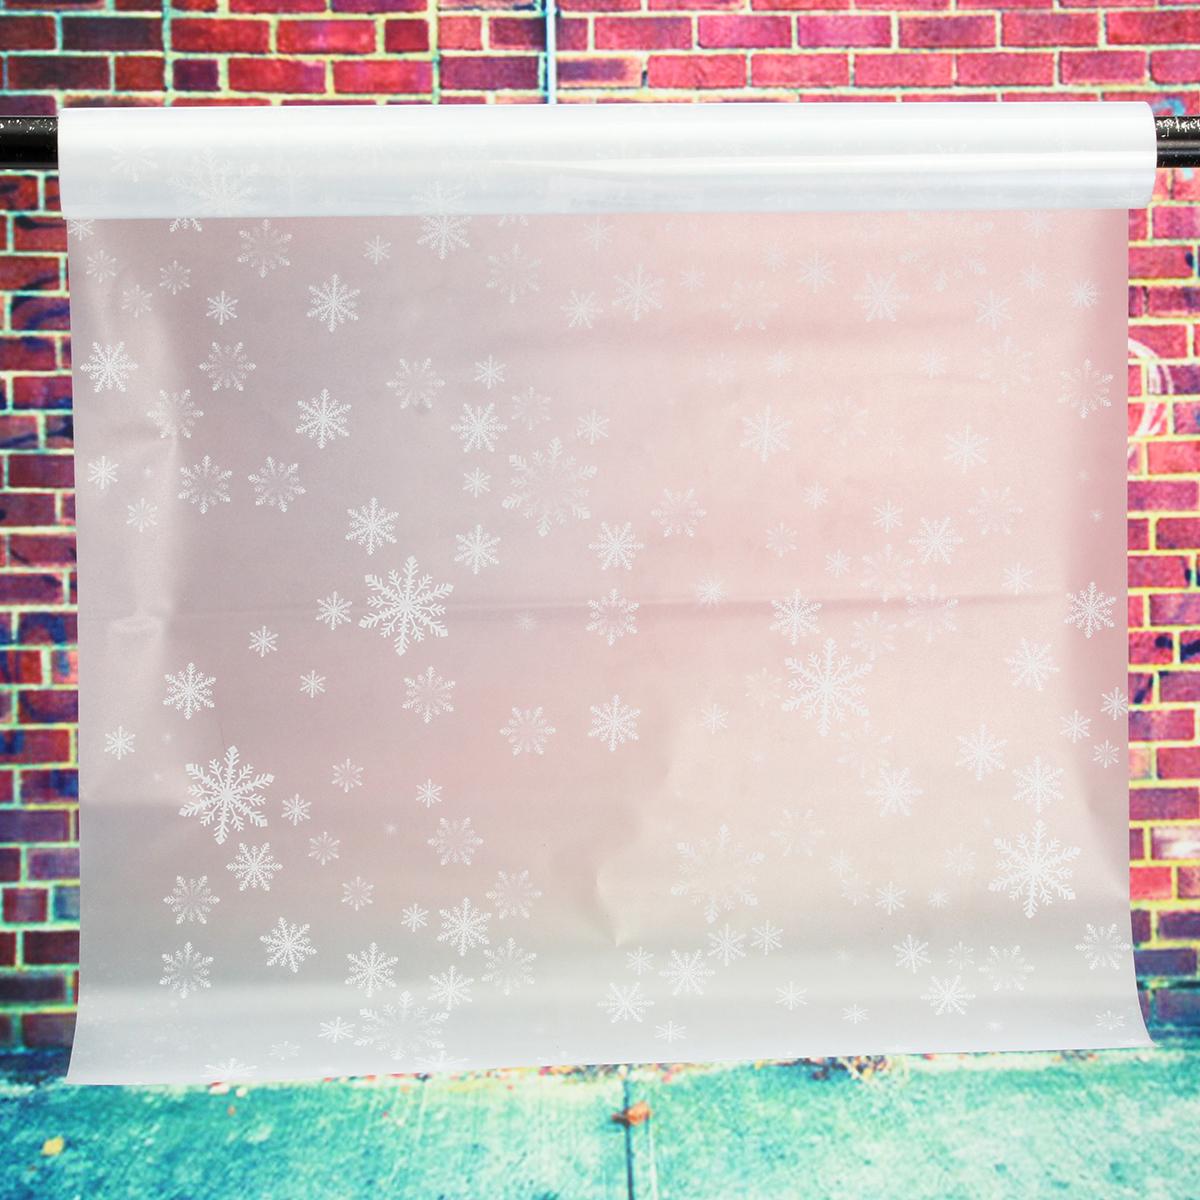 pvc frosted waterproof window sticker